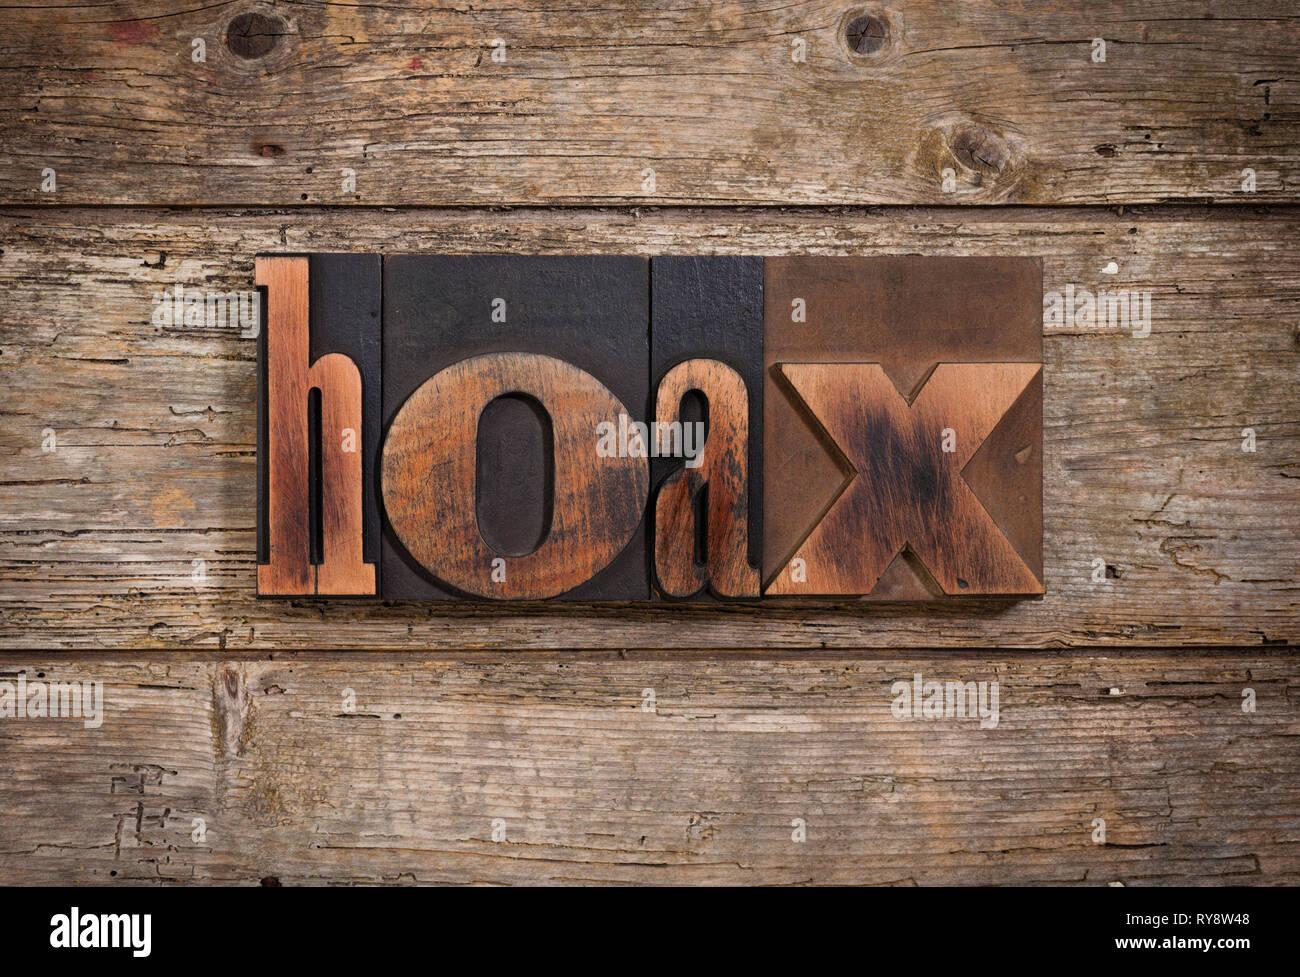 Falso, singola parola insieme con l'annata tipografia su blocchi di legno rustico sfondo Immagini Stock